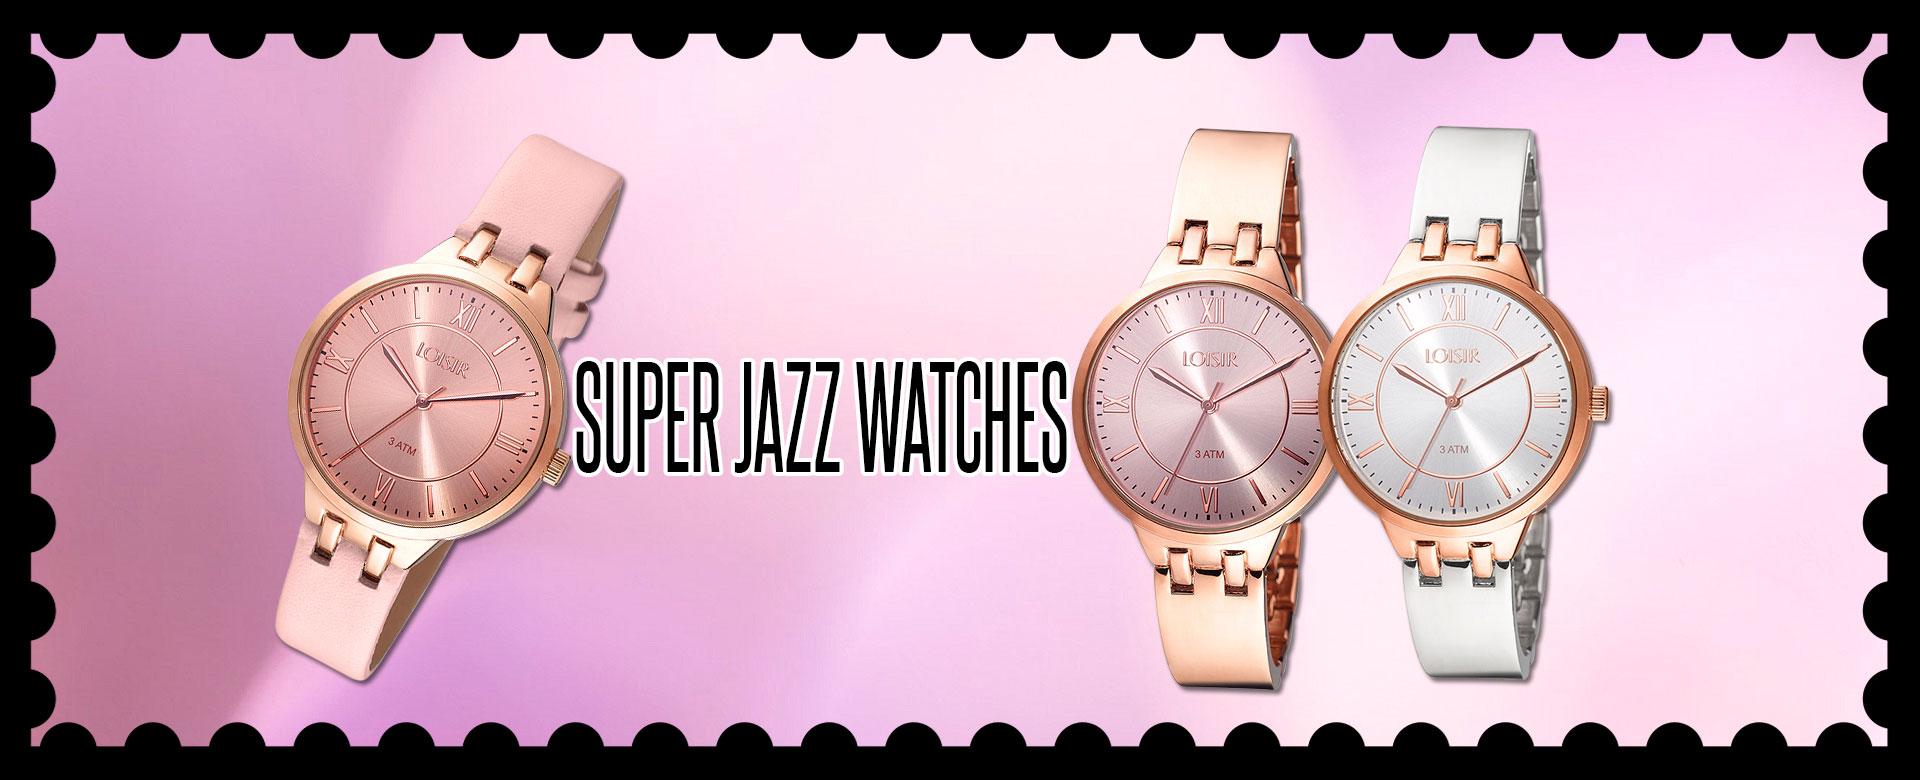 Super Jazz Watches - Loisir